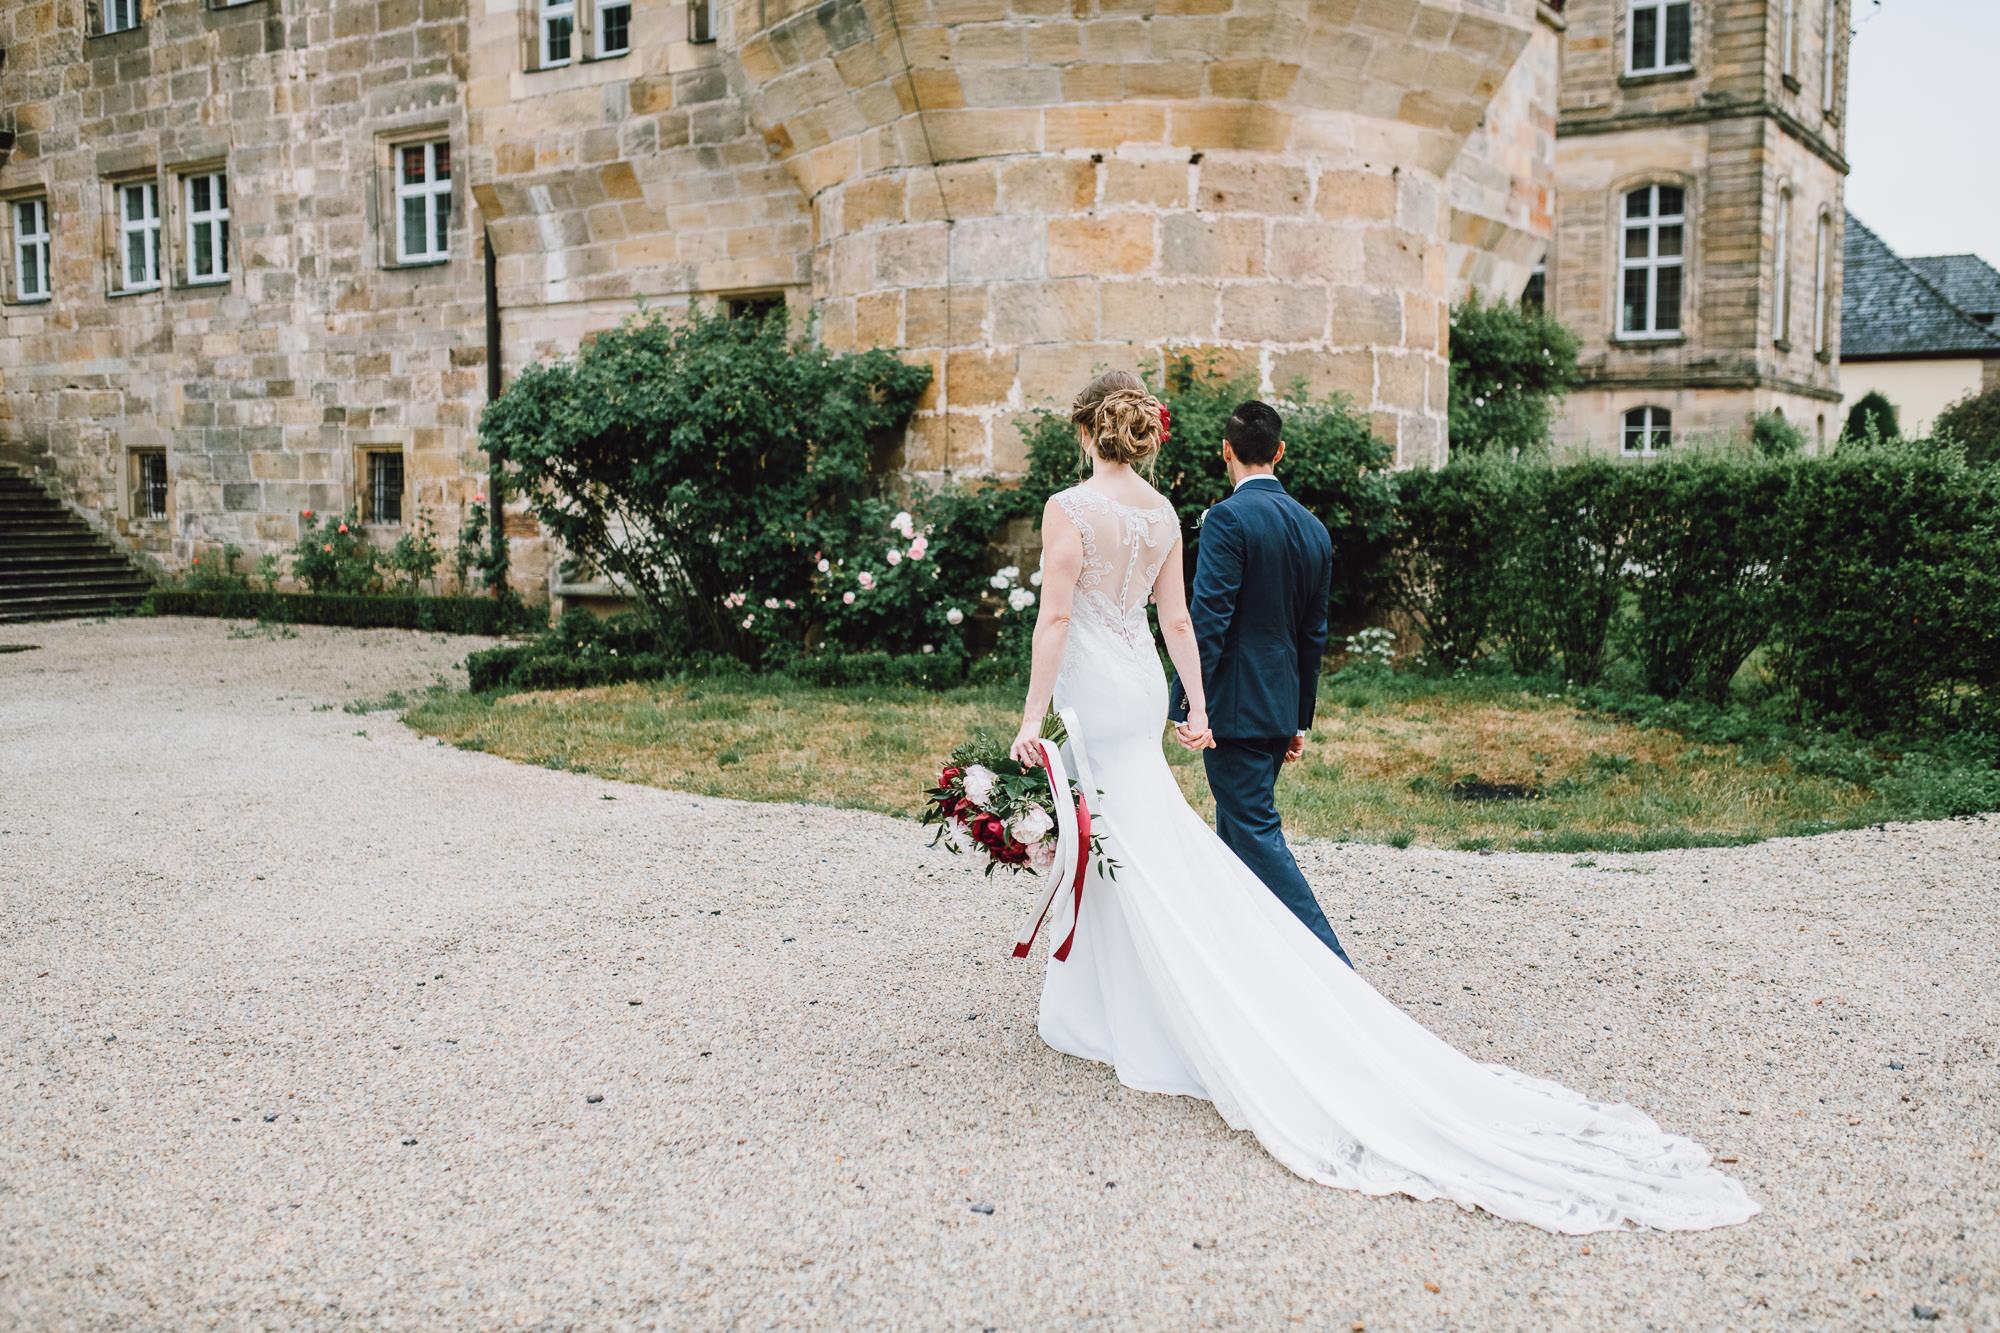 rustic-elegant-wedding-schloss-hochzeit-eyrichshof-franken-bamberg-101